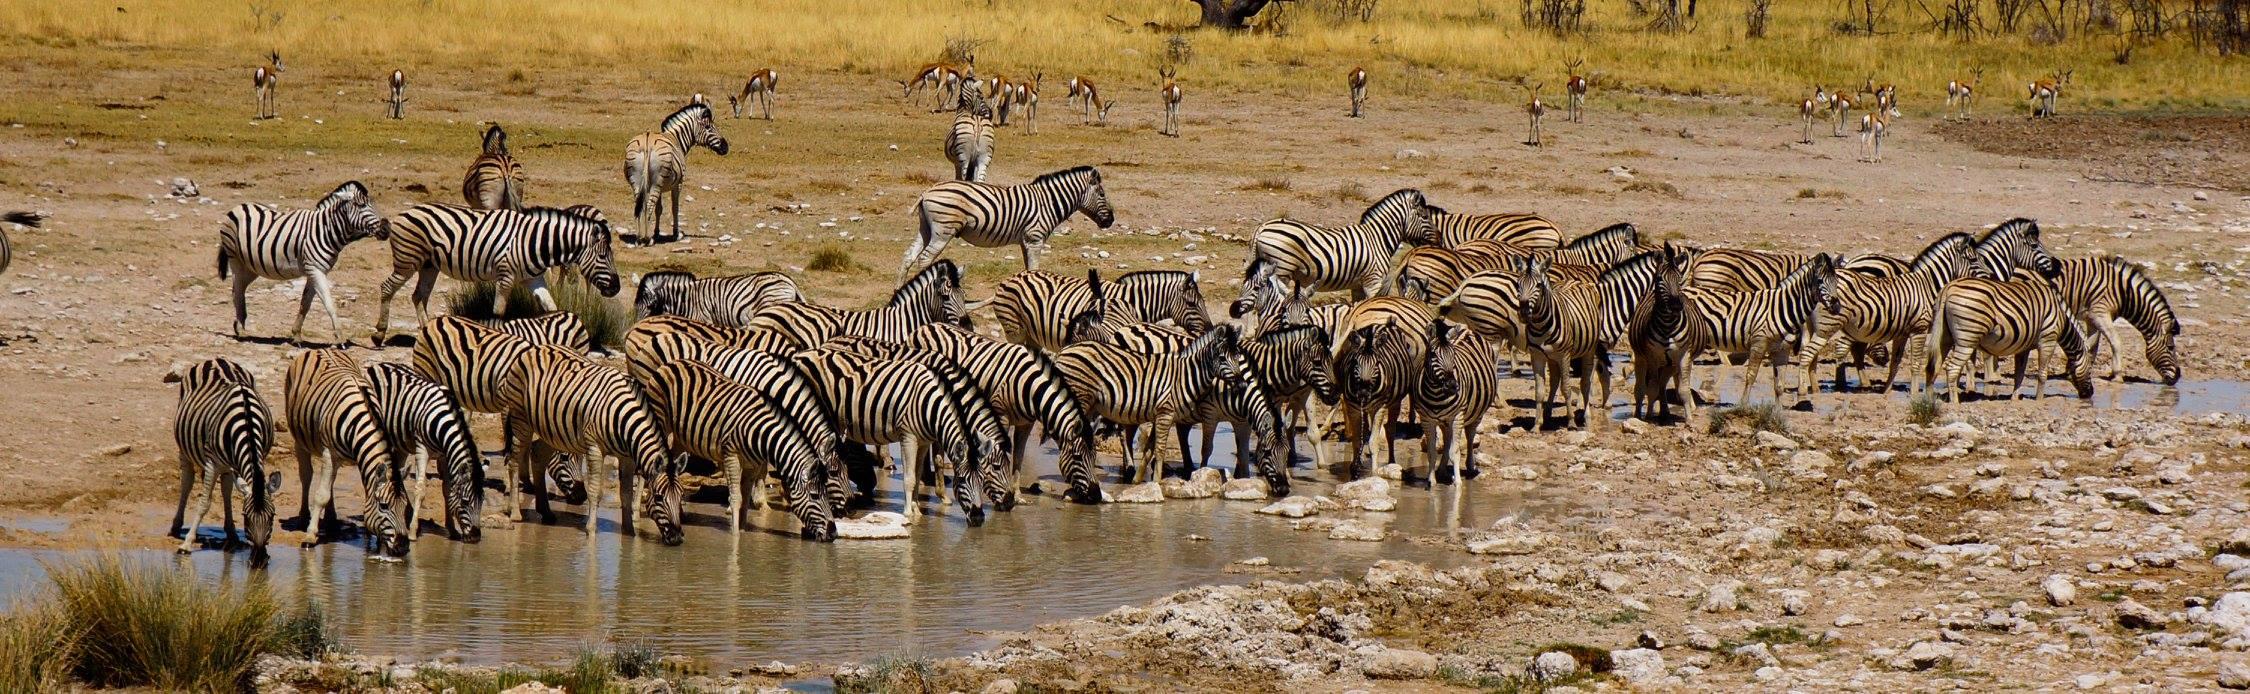 Zebra at a Waterhole in Etosha